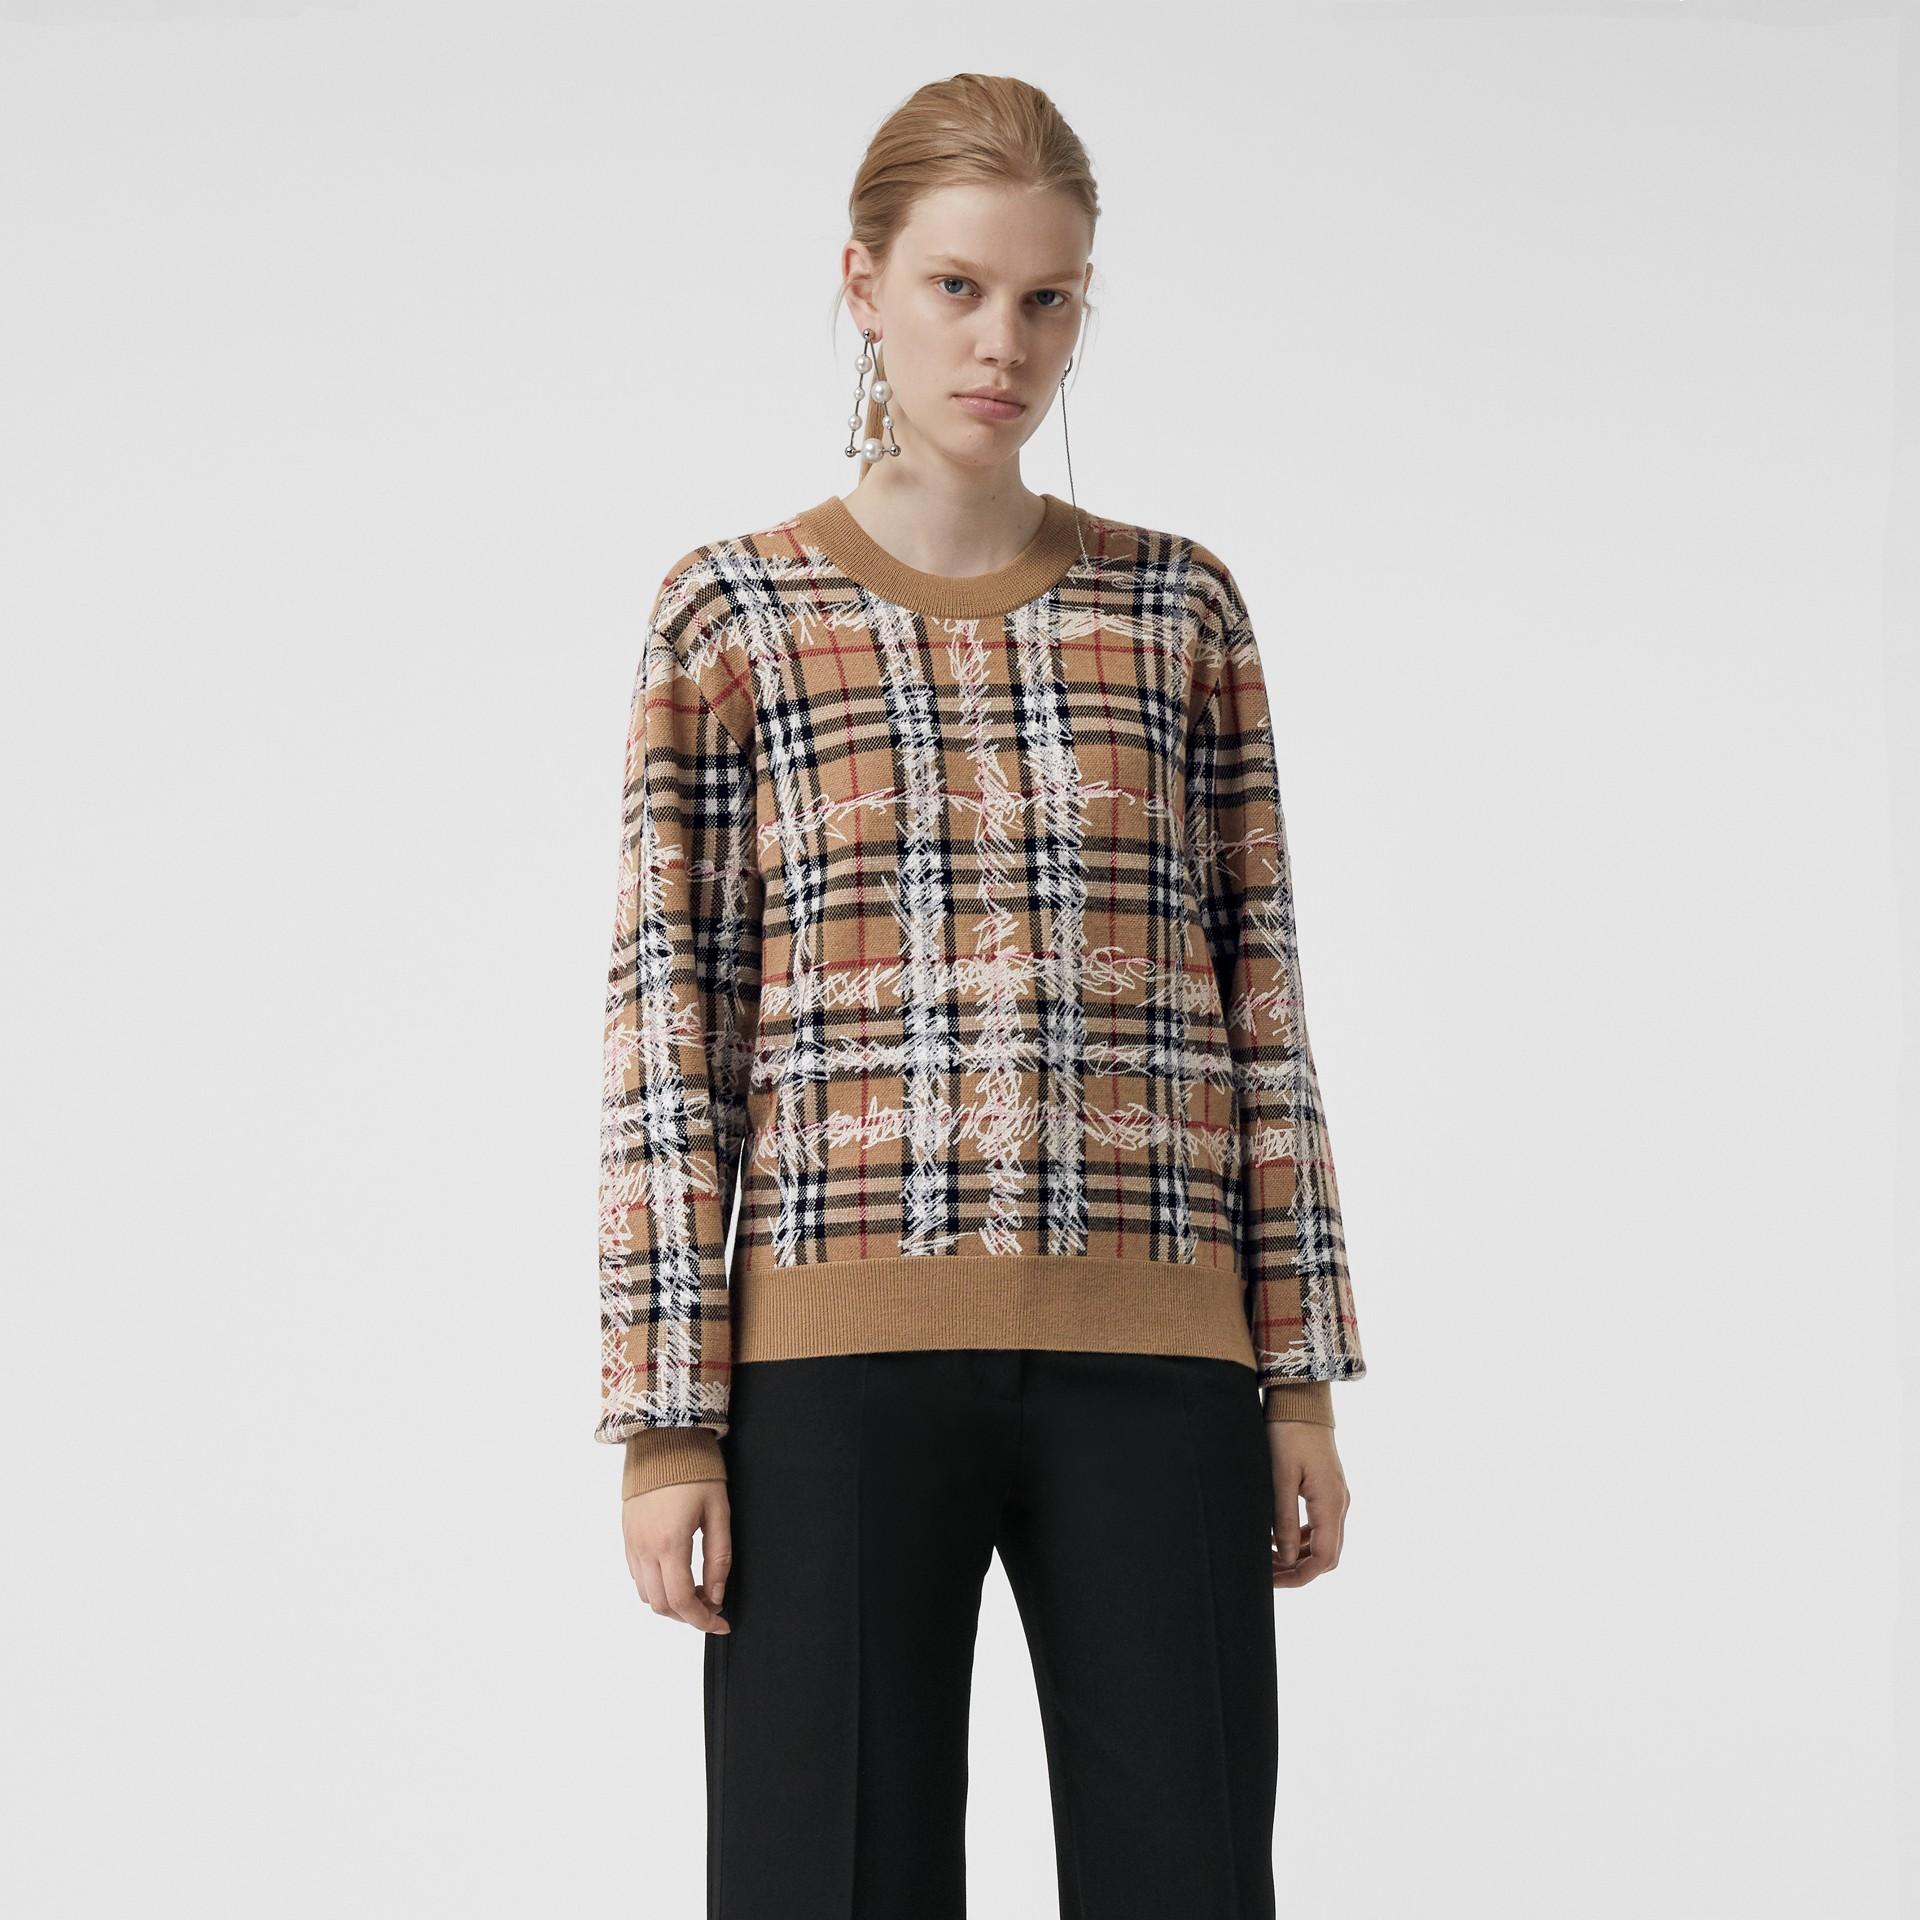 Pull en laine mérinos à motif check griffonné (Camel/blanc) - Femme | Burberry Canada - photo de la galerie 4